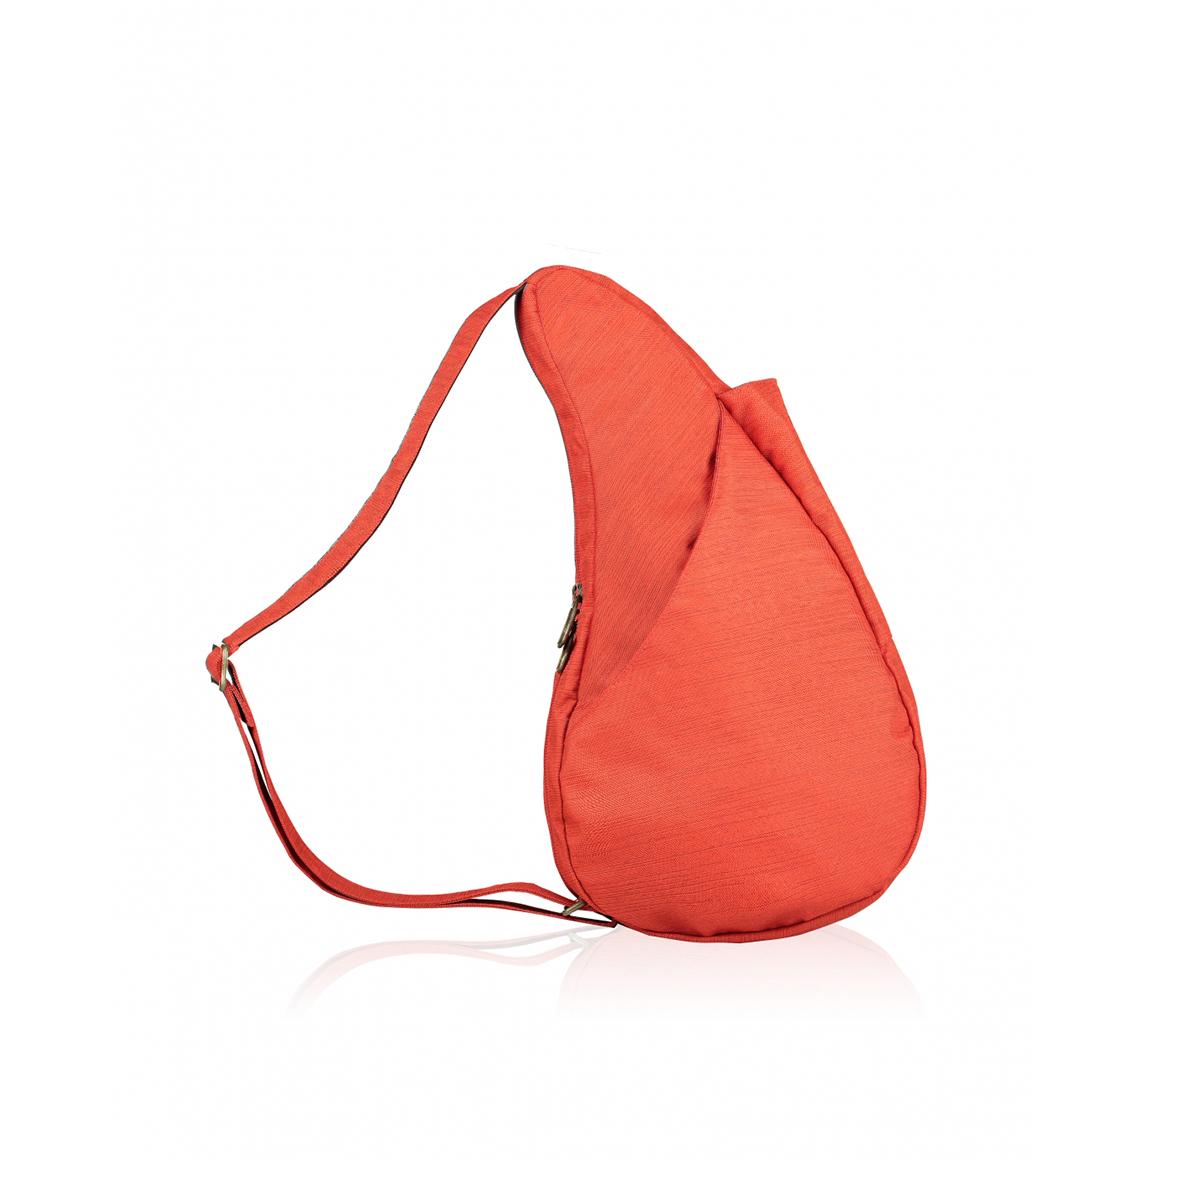 《クリアランス》 ヘルシーバックバッグ サンセット Sサイズ